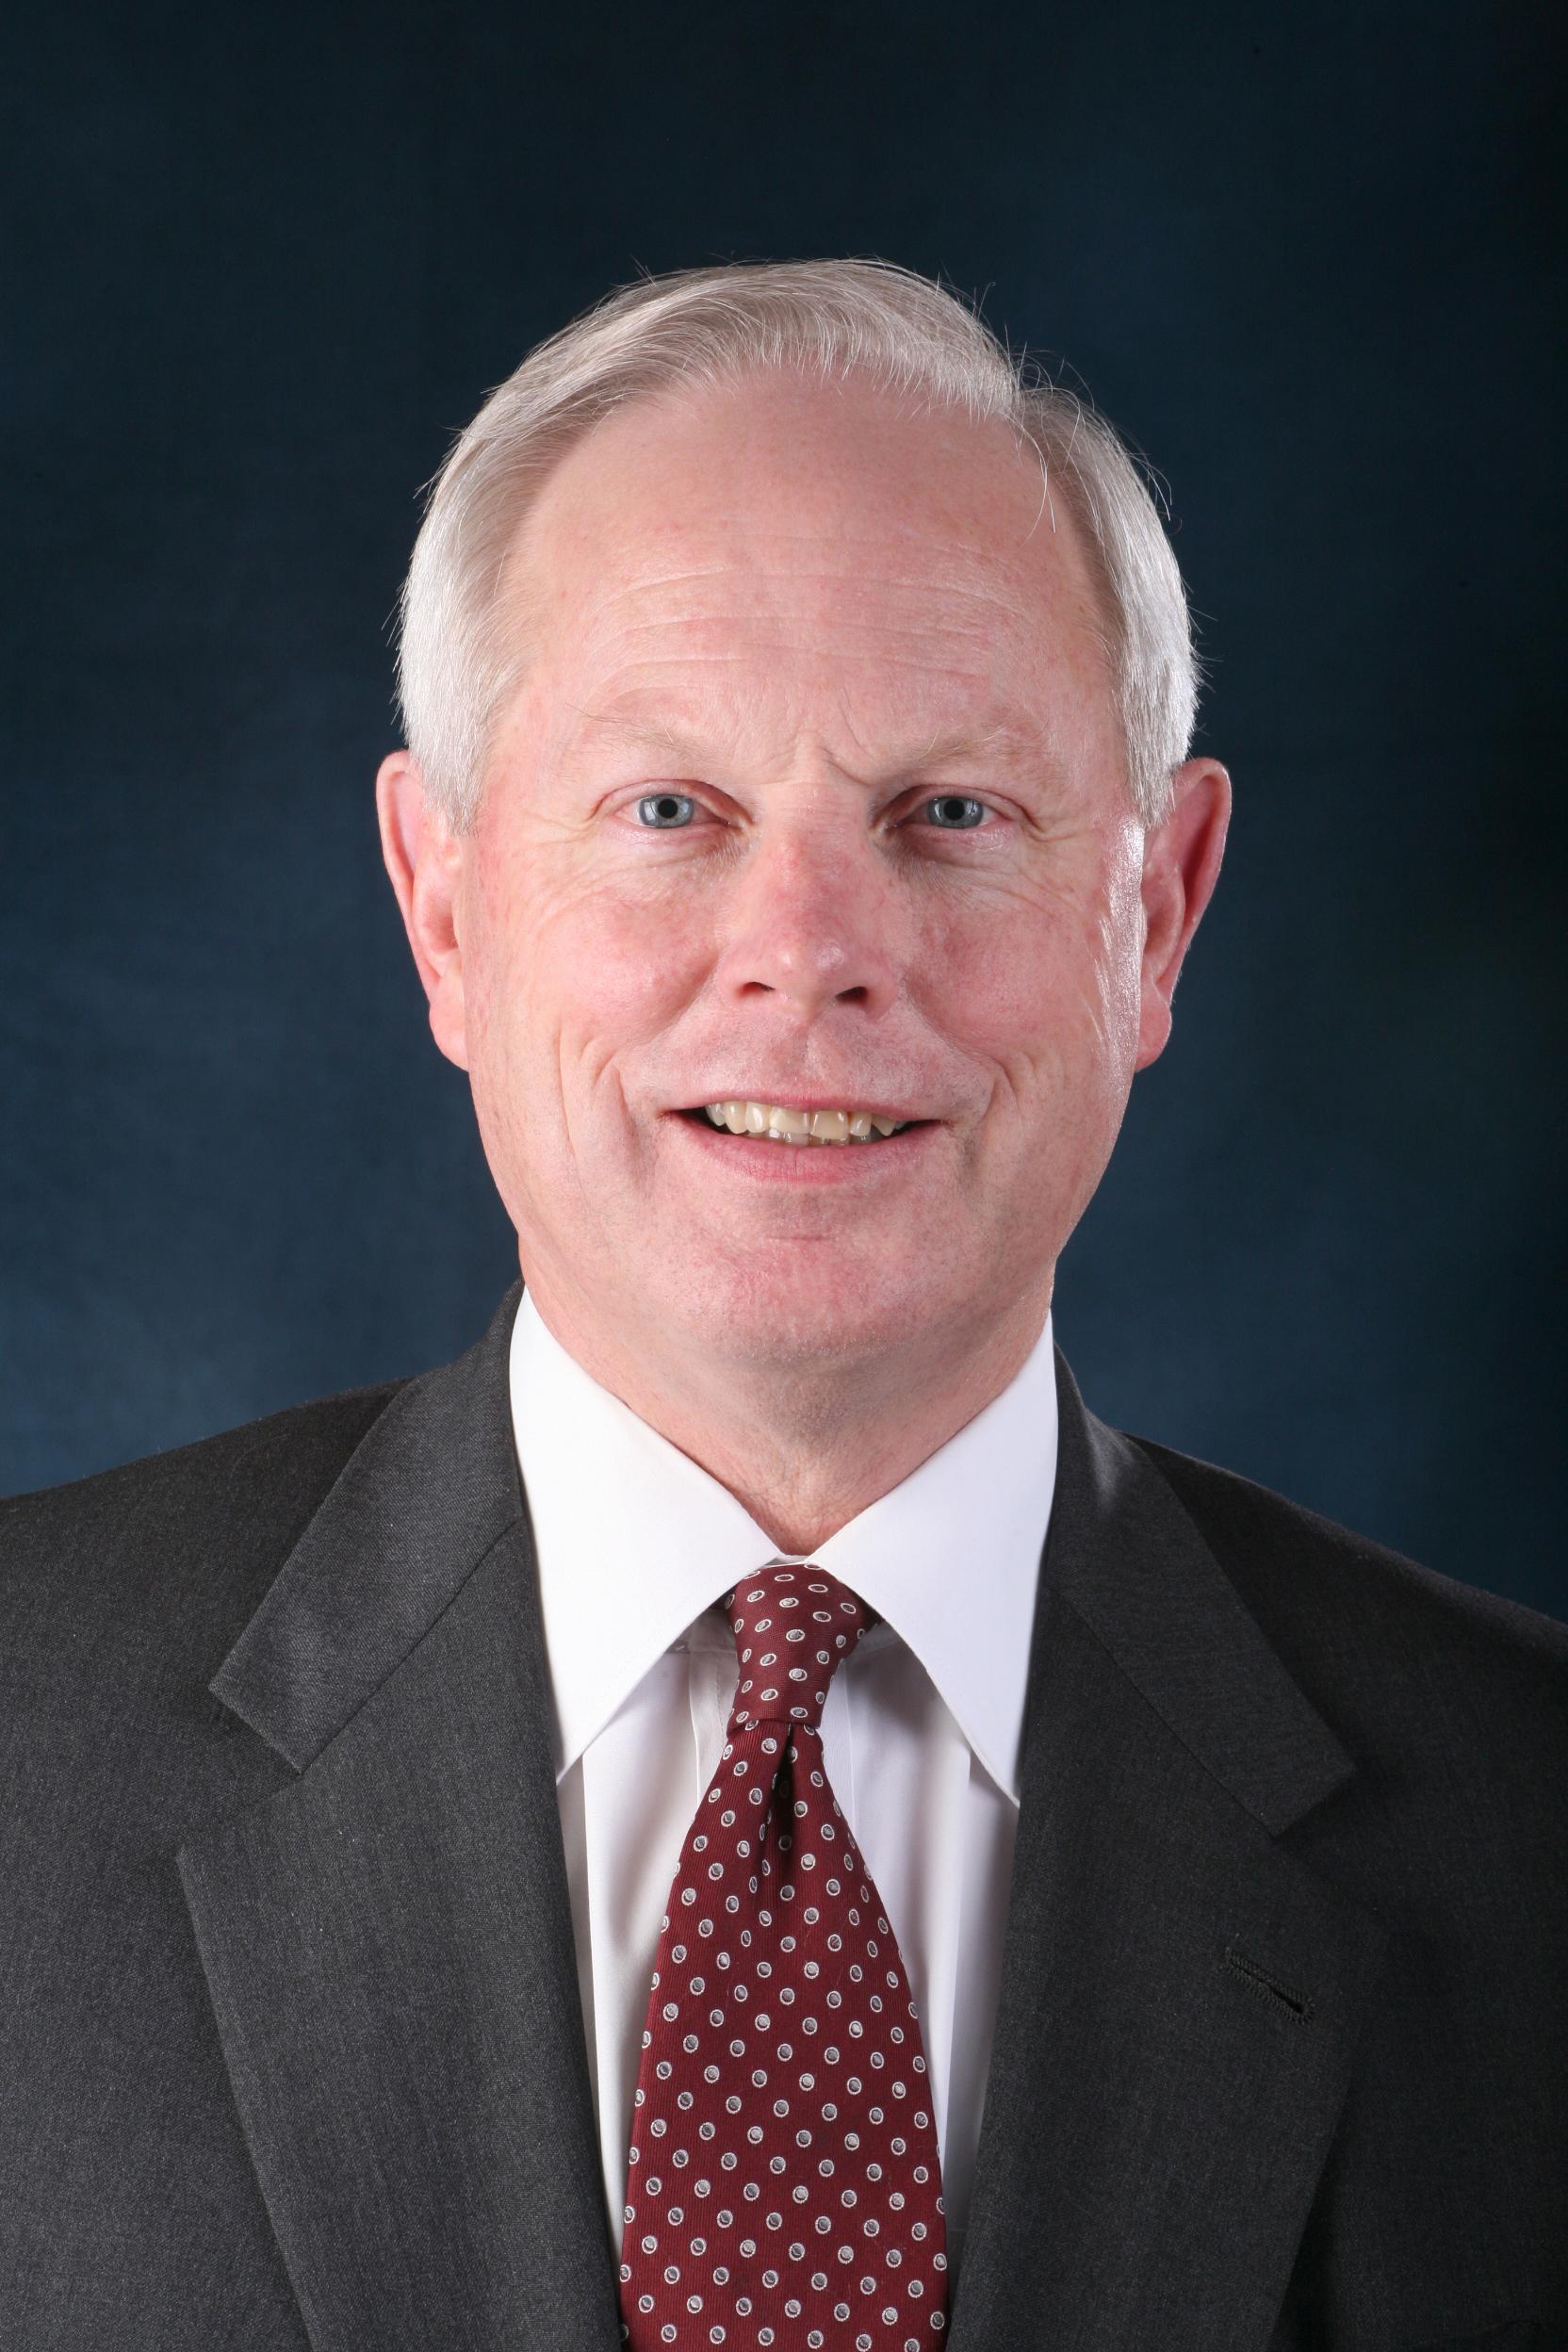 Bruce Merrell